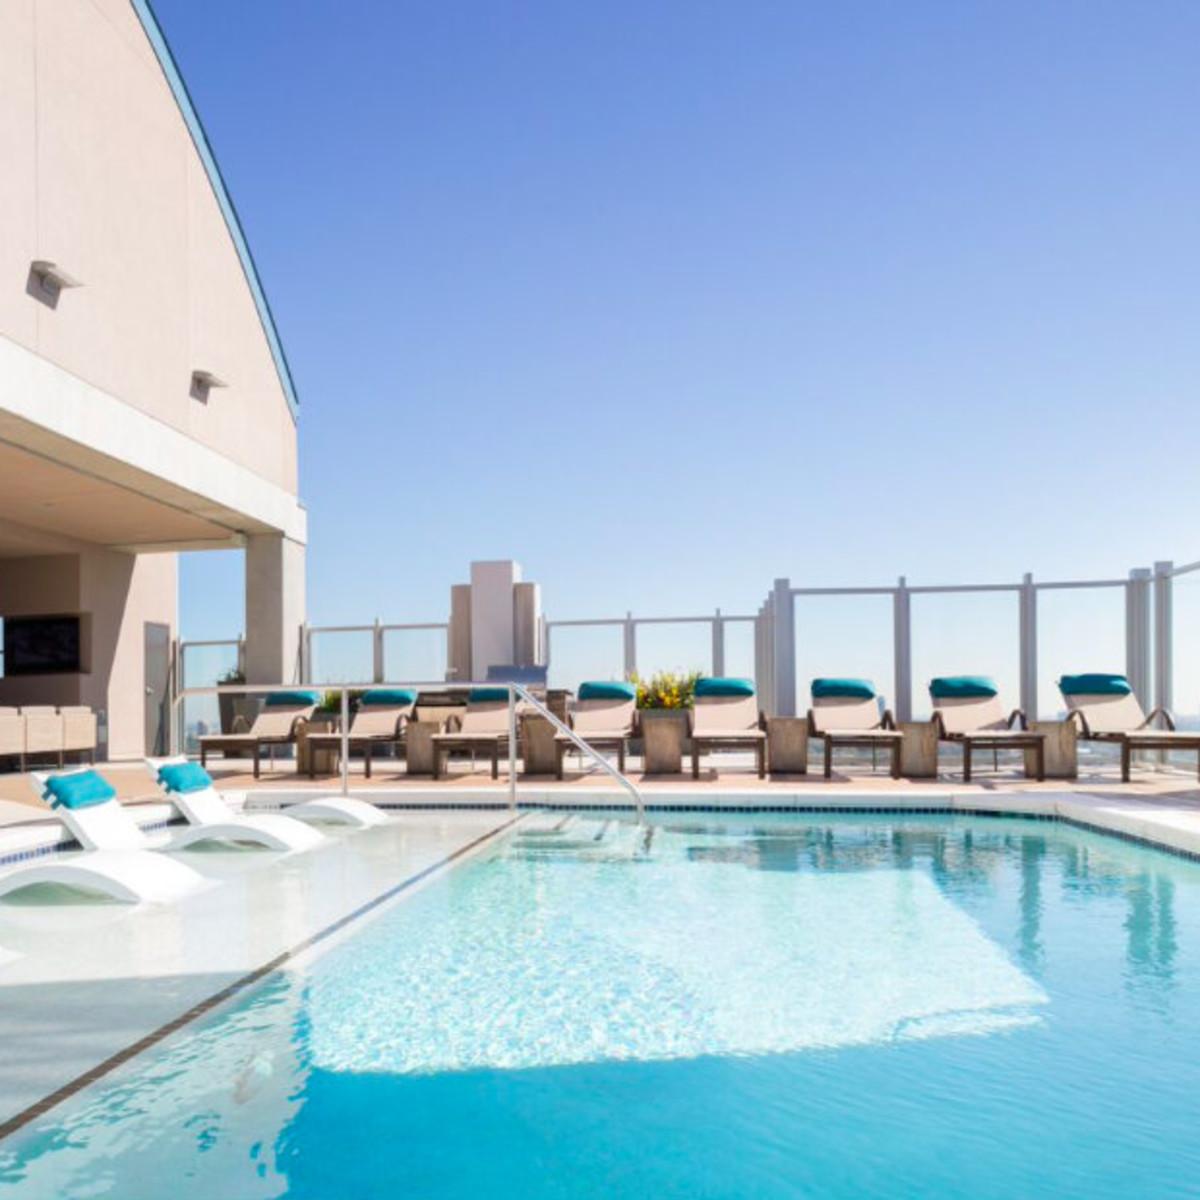 Dallas_Sky House